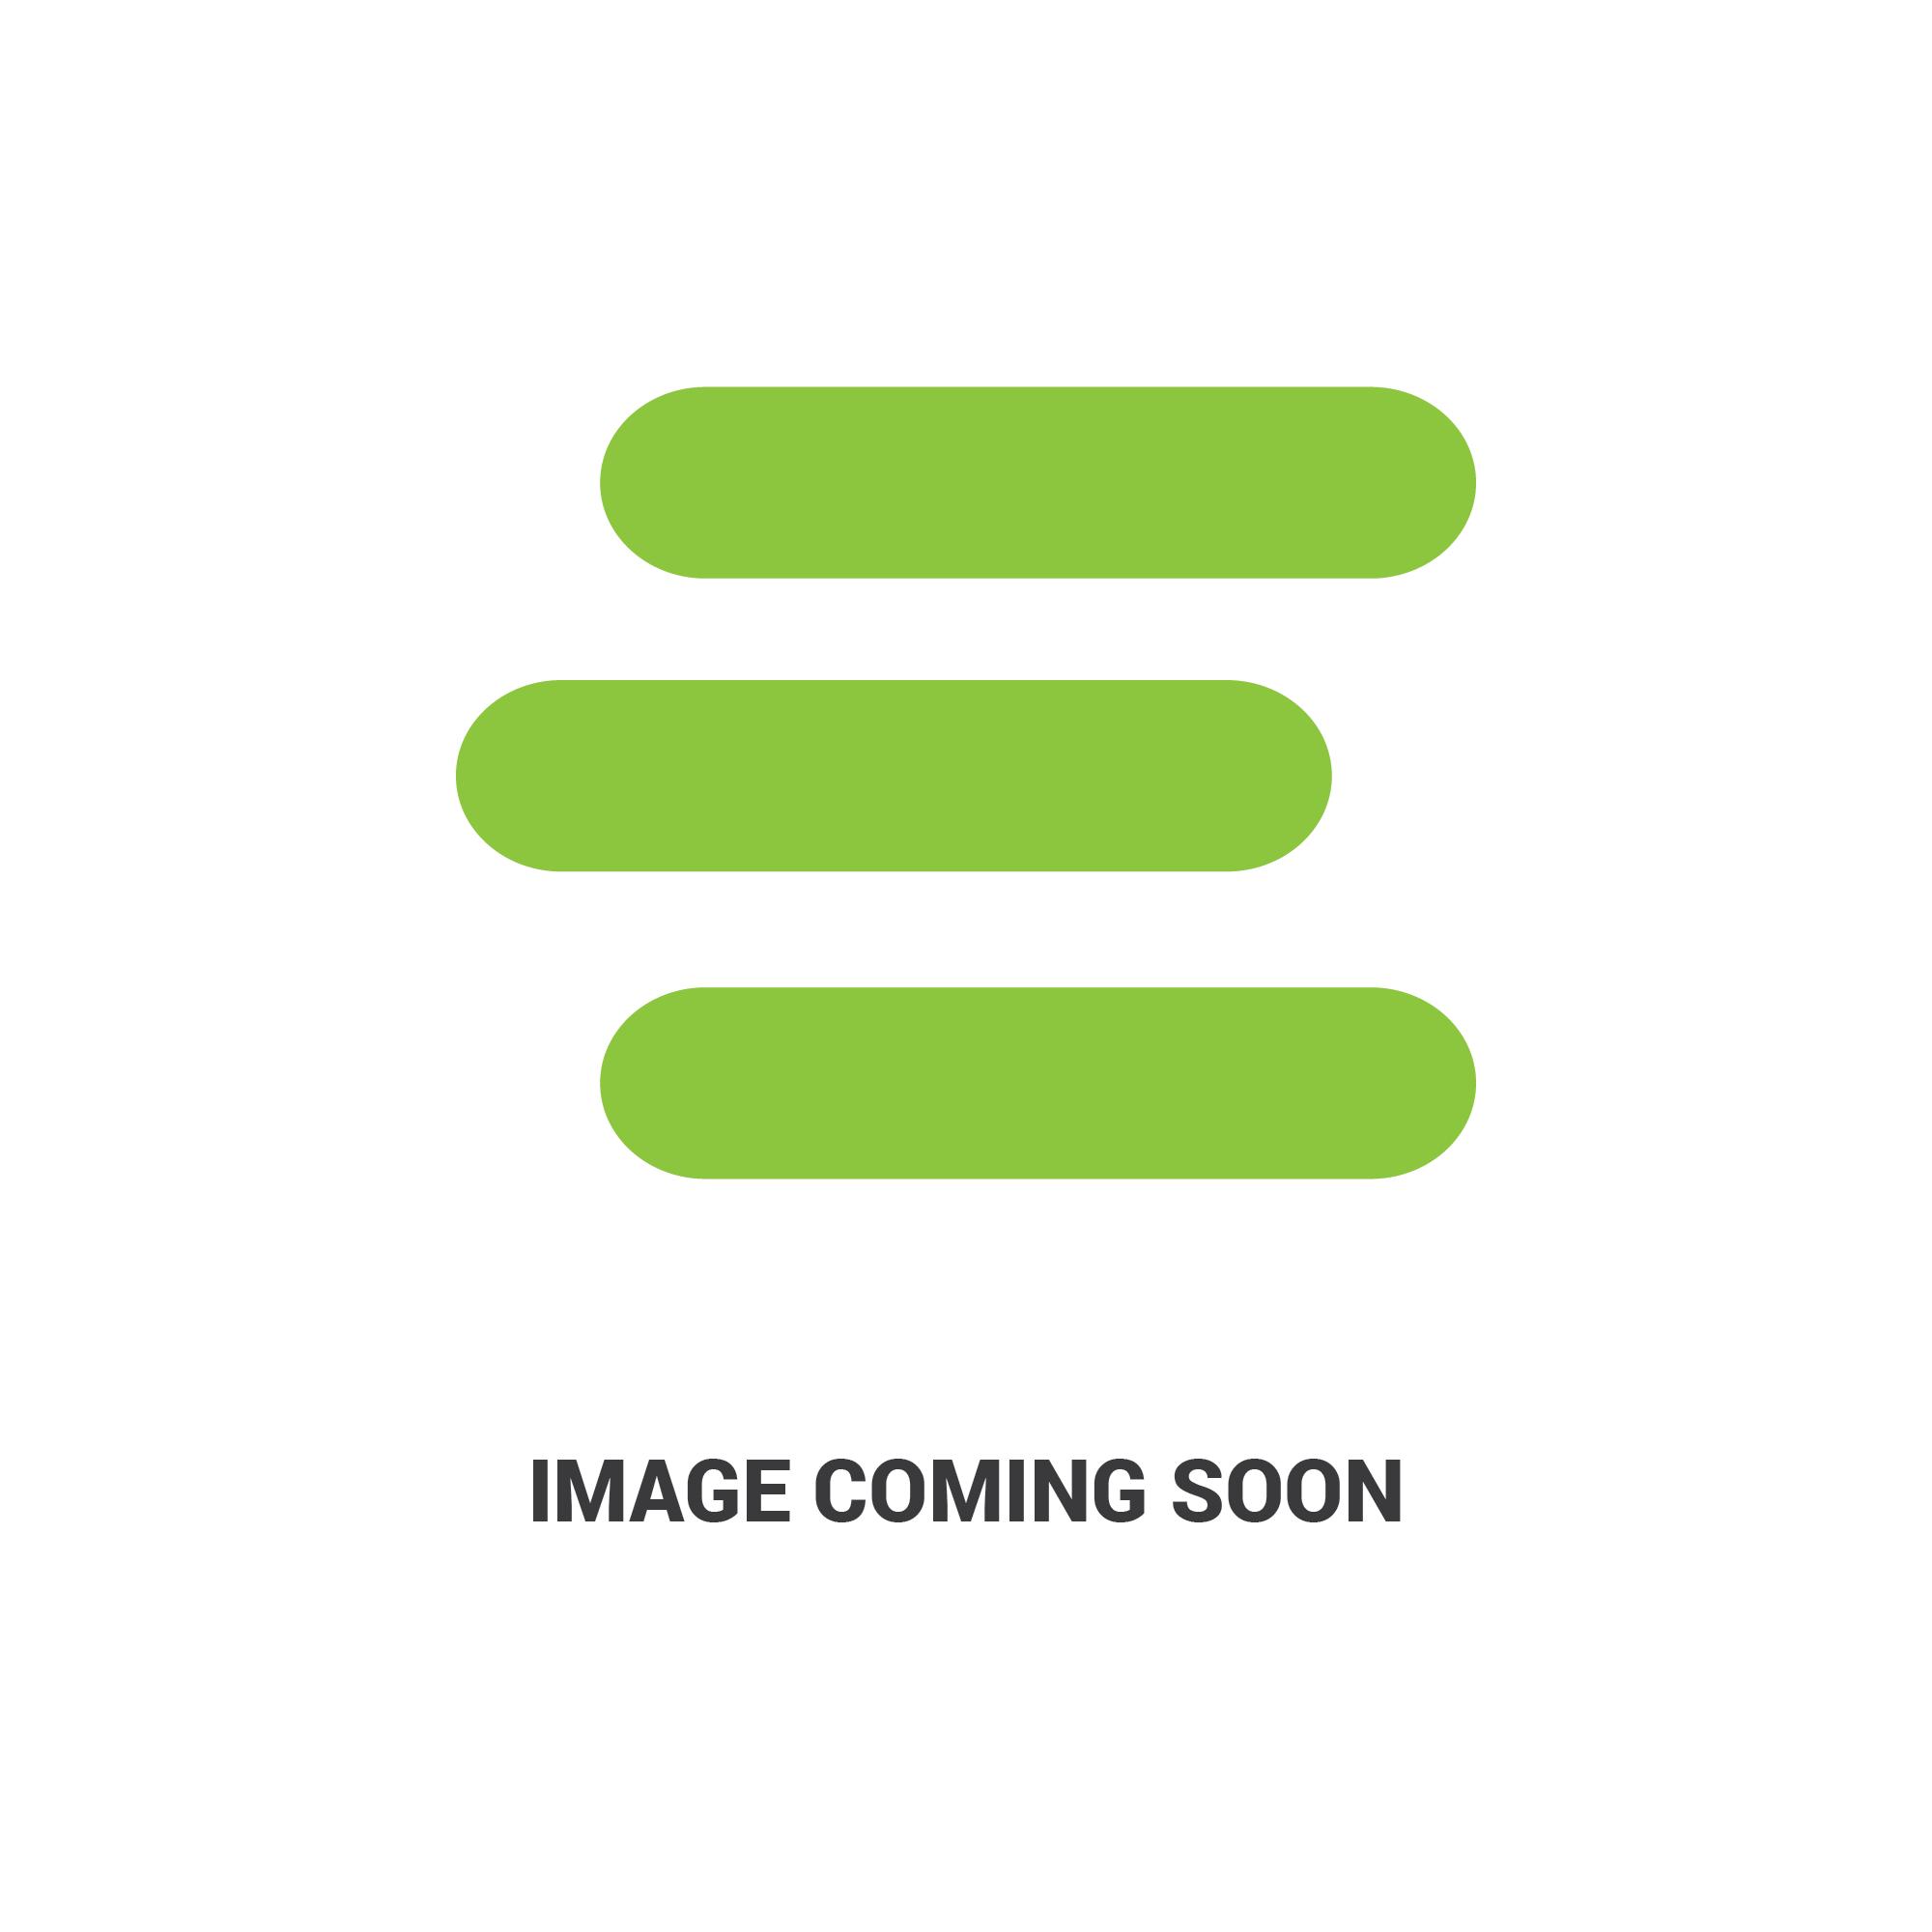 E-AR12013edit 1.jpg